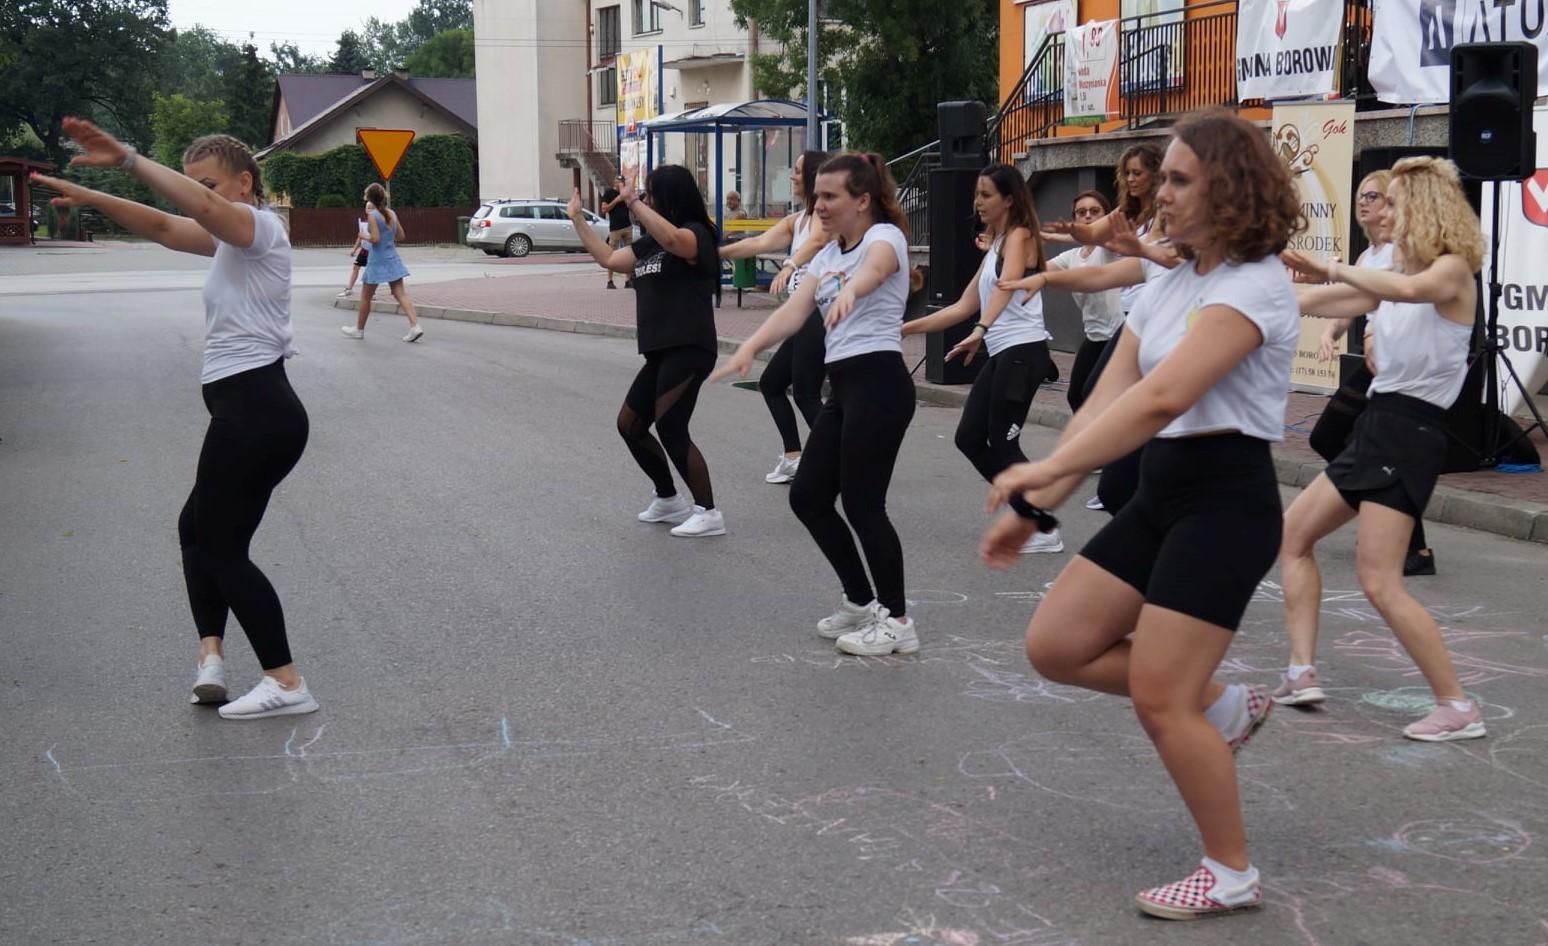 Impreza w Borowej